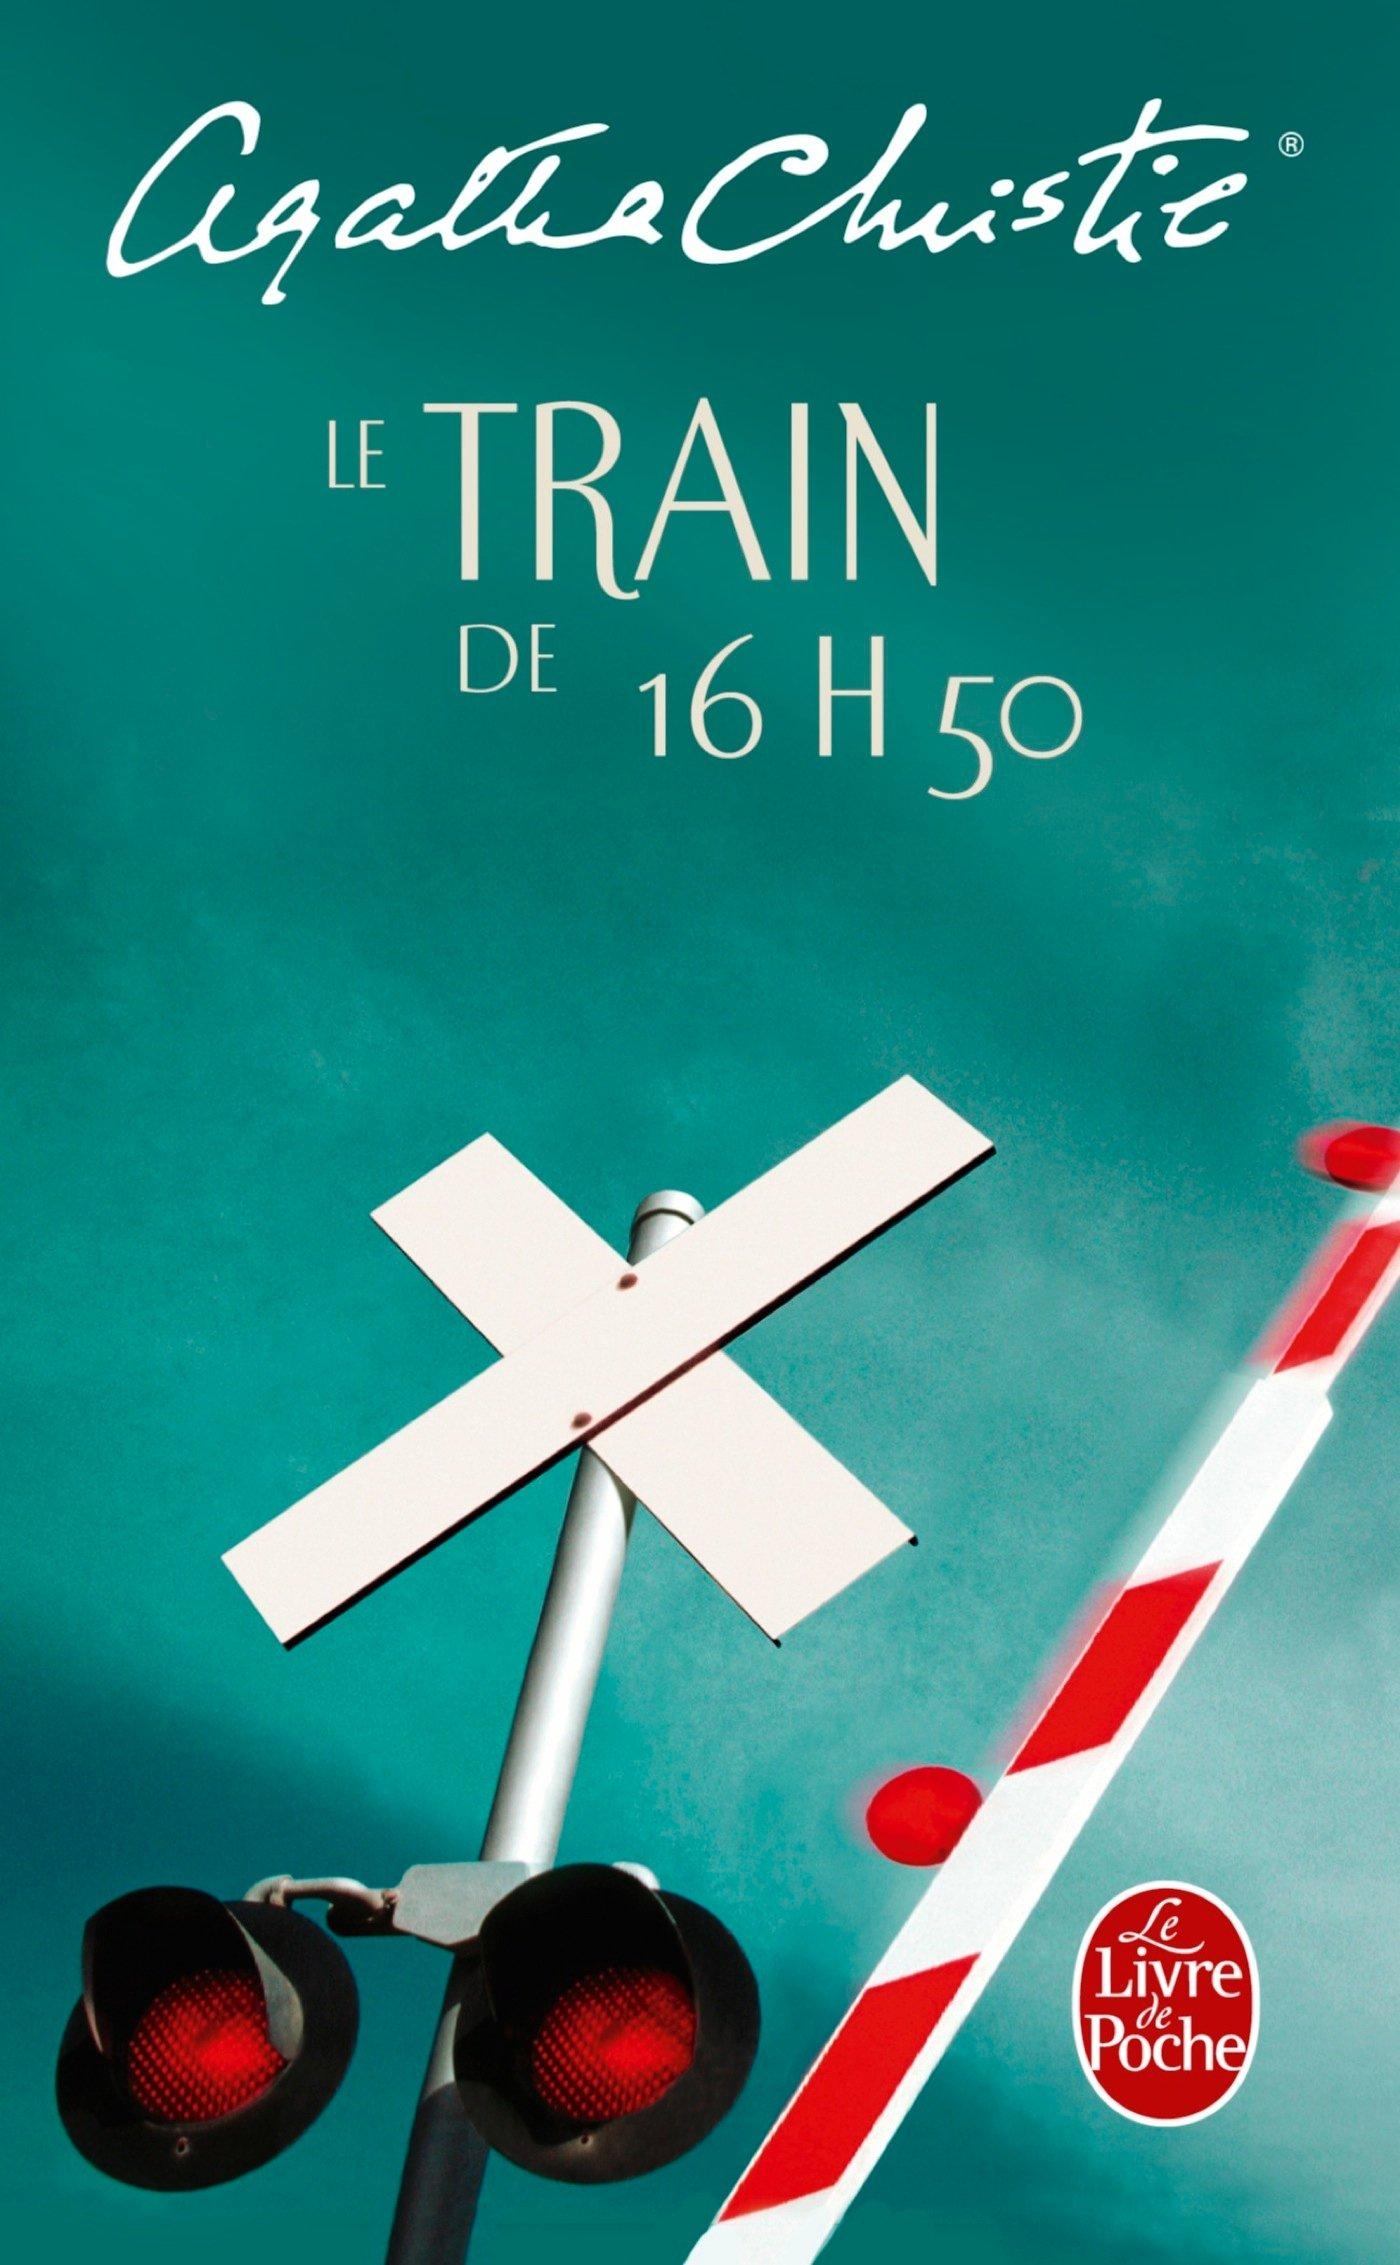 Le Train de 16 heures 50 Poche – 18 février 2004 Agatha Christie Le Livre de Poche 2253033936 Romans et nouvelles de genre